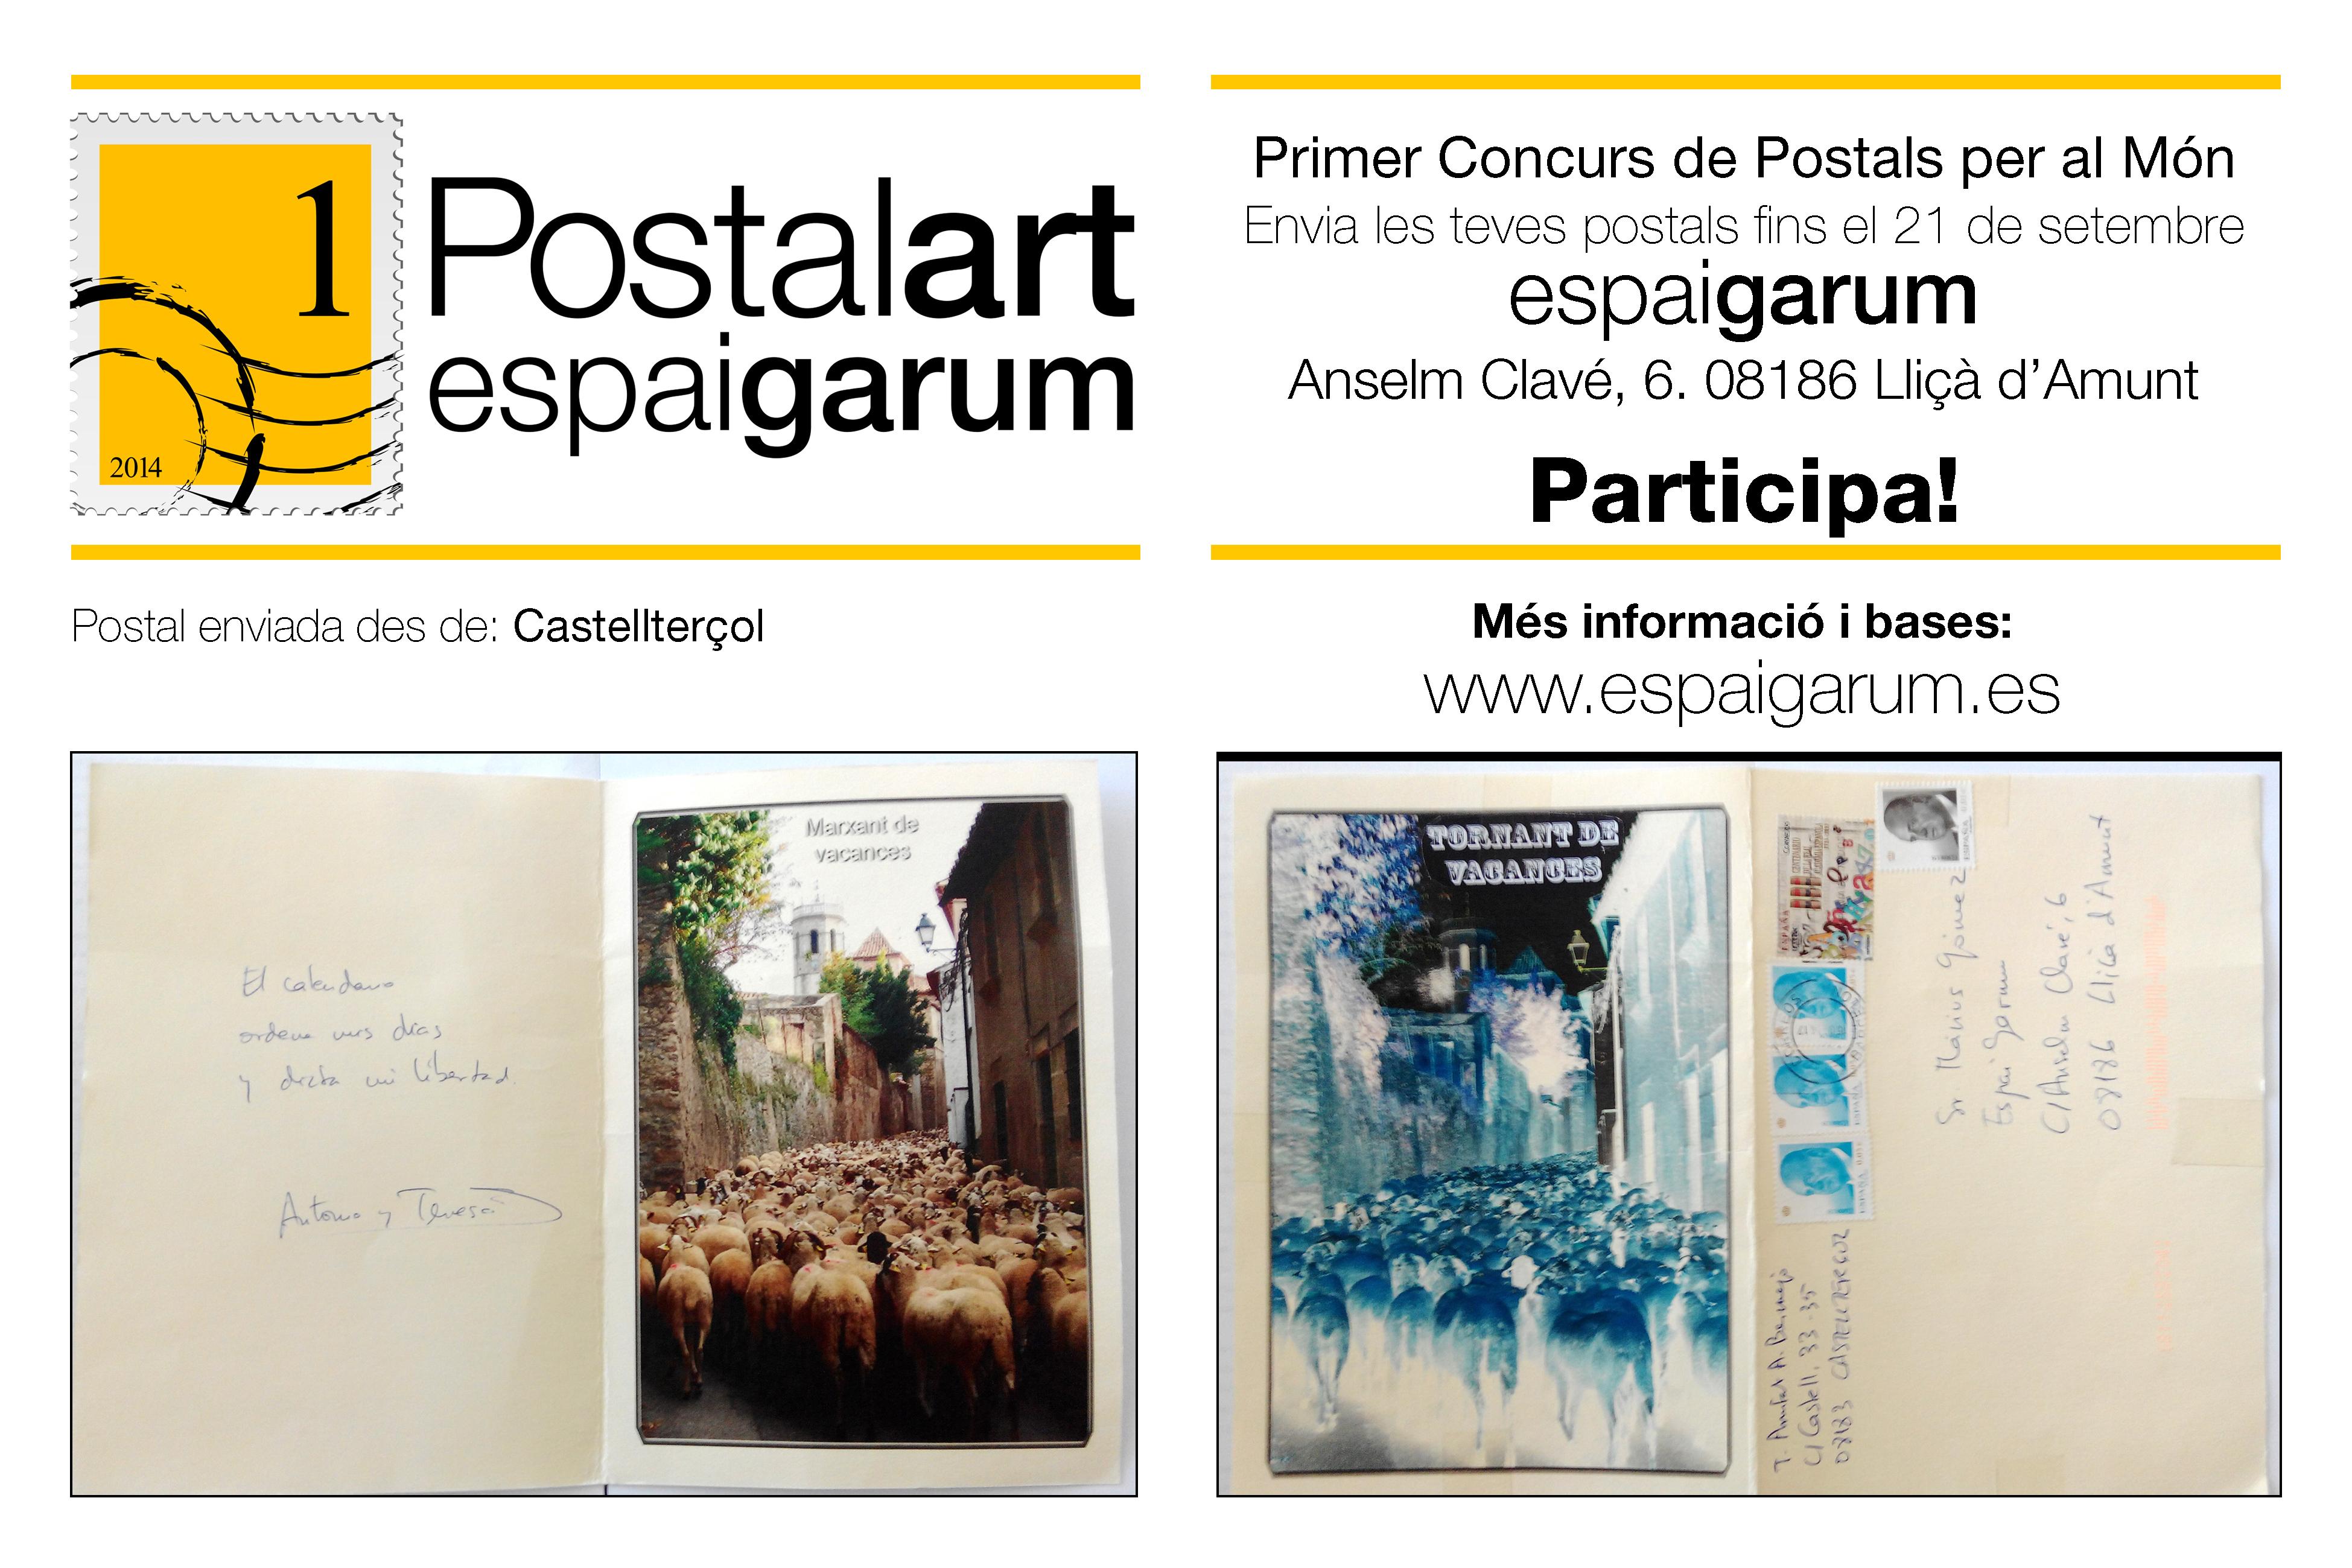 Postalart 14 065